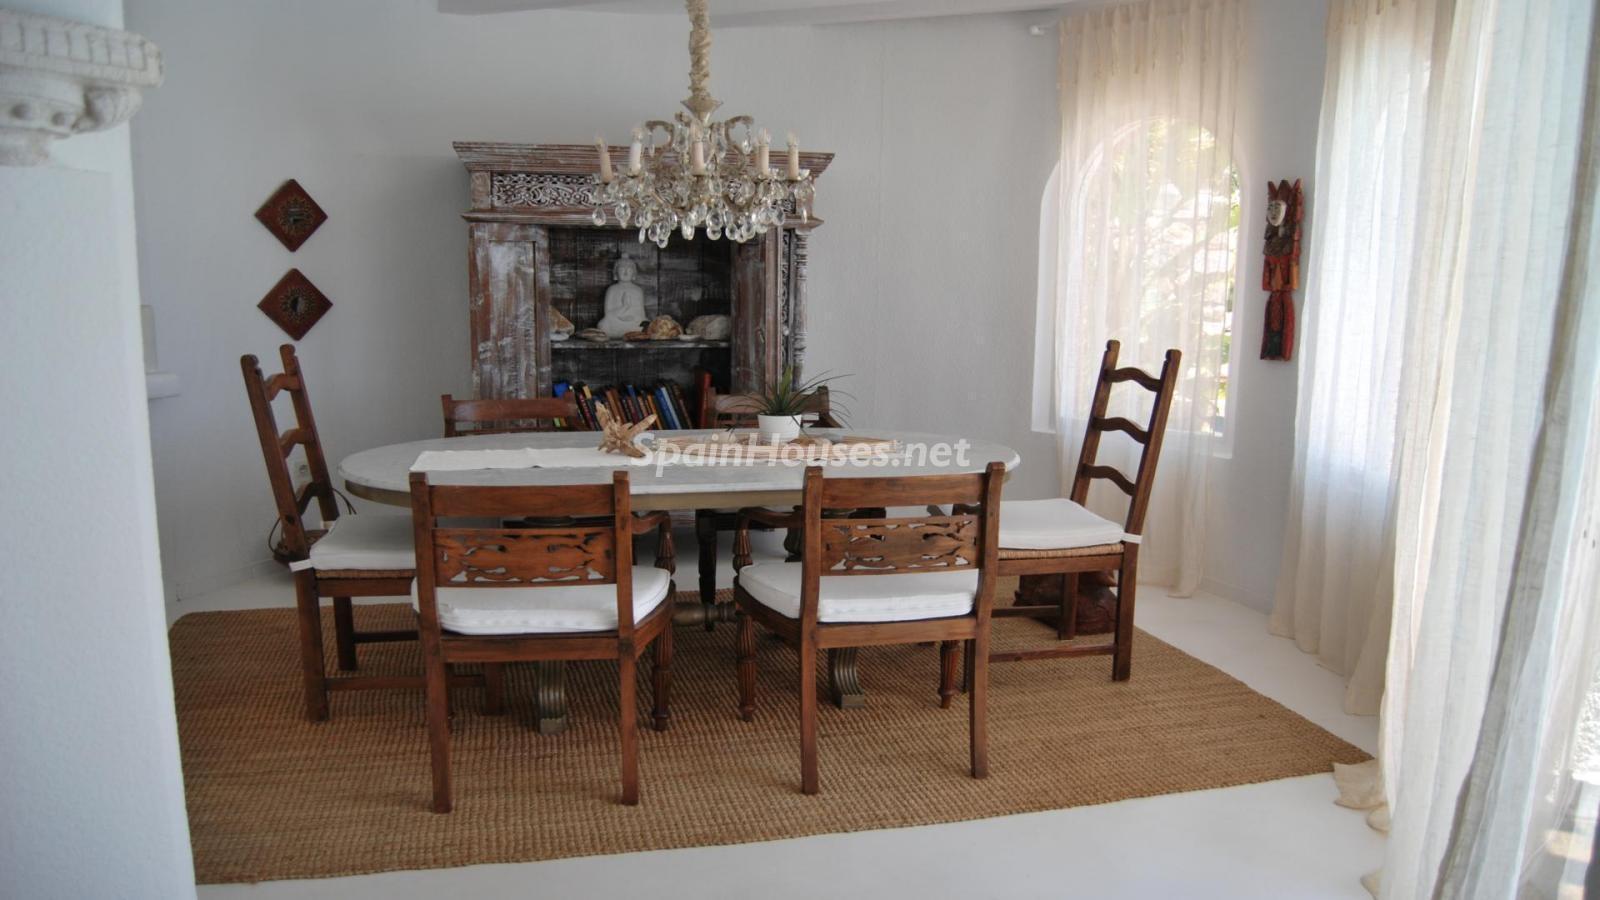 49335 2014903 foto 288014 - Exotic villa in Salobreña, Granada